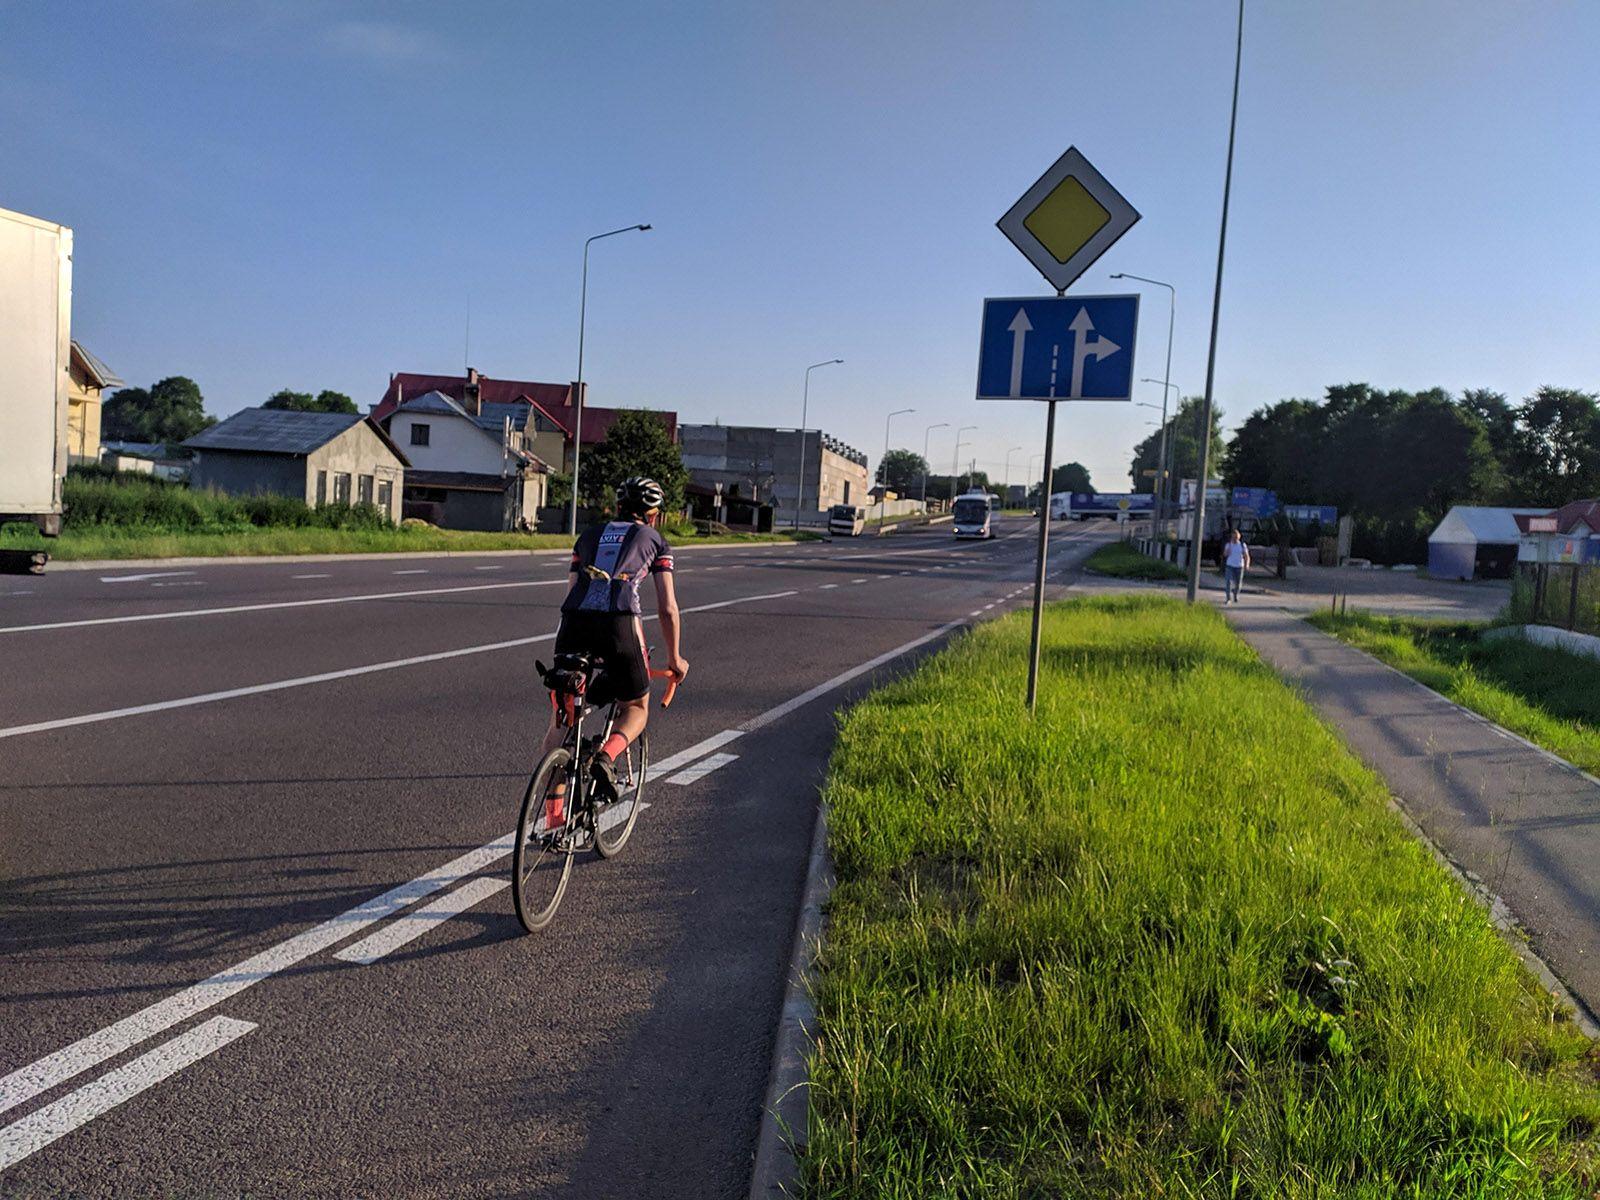 Чоловік їде на велосипеді збоку дороги